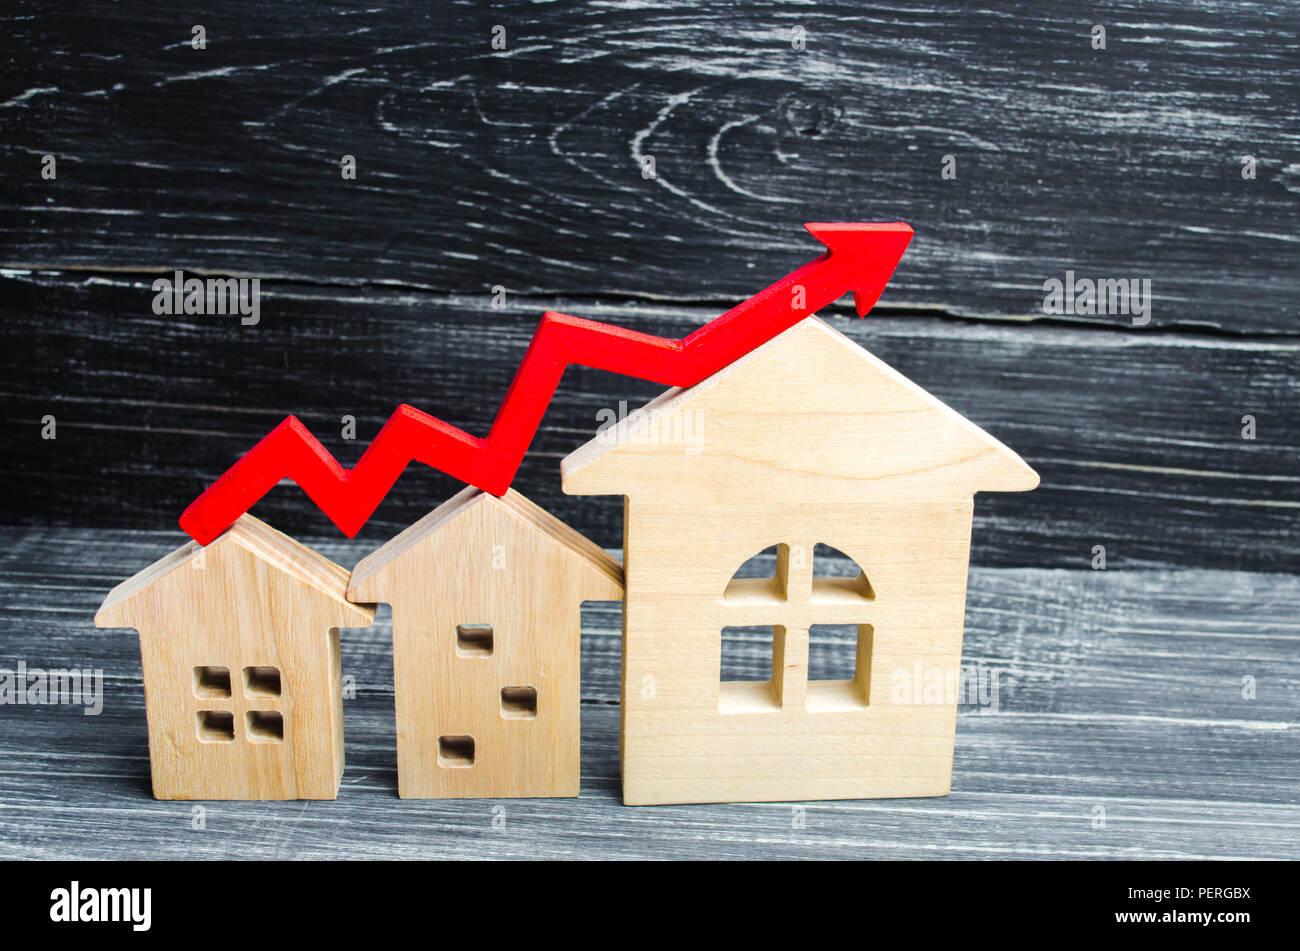 Casas de madera de pie en una fila de pequeñas a grandes, con una flecha roja. Concepto de alta demanda de inmuebles. aumentar la eficiencia energética de la vivienda. r Imagen De Stock